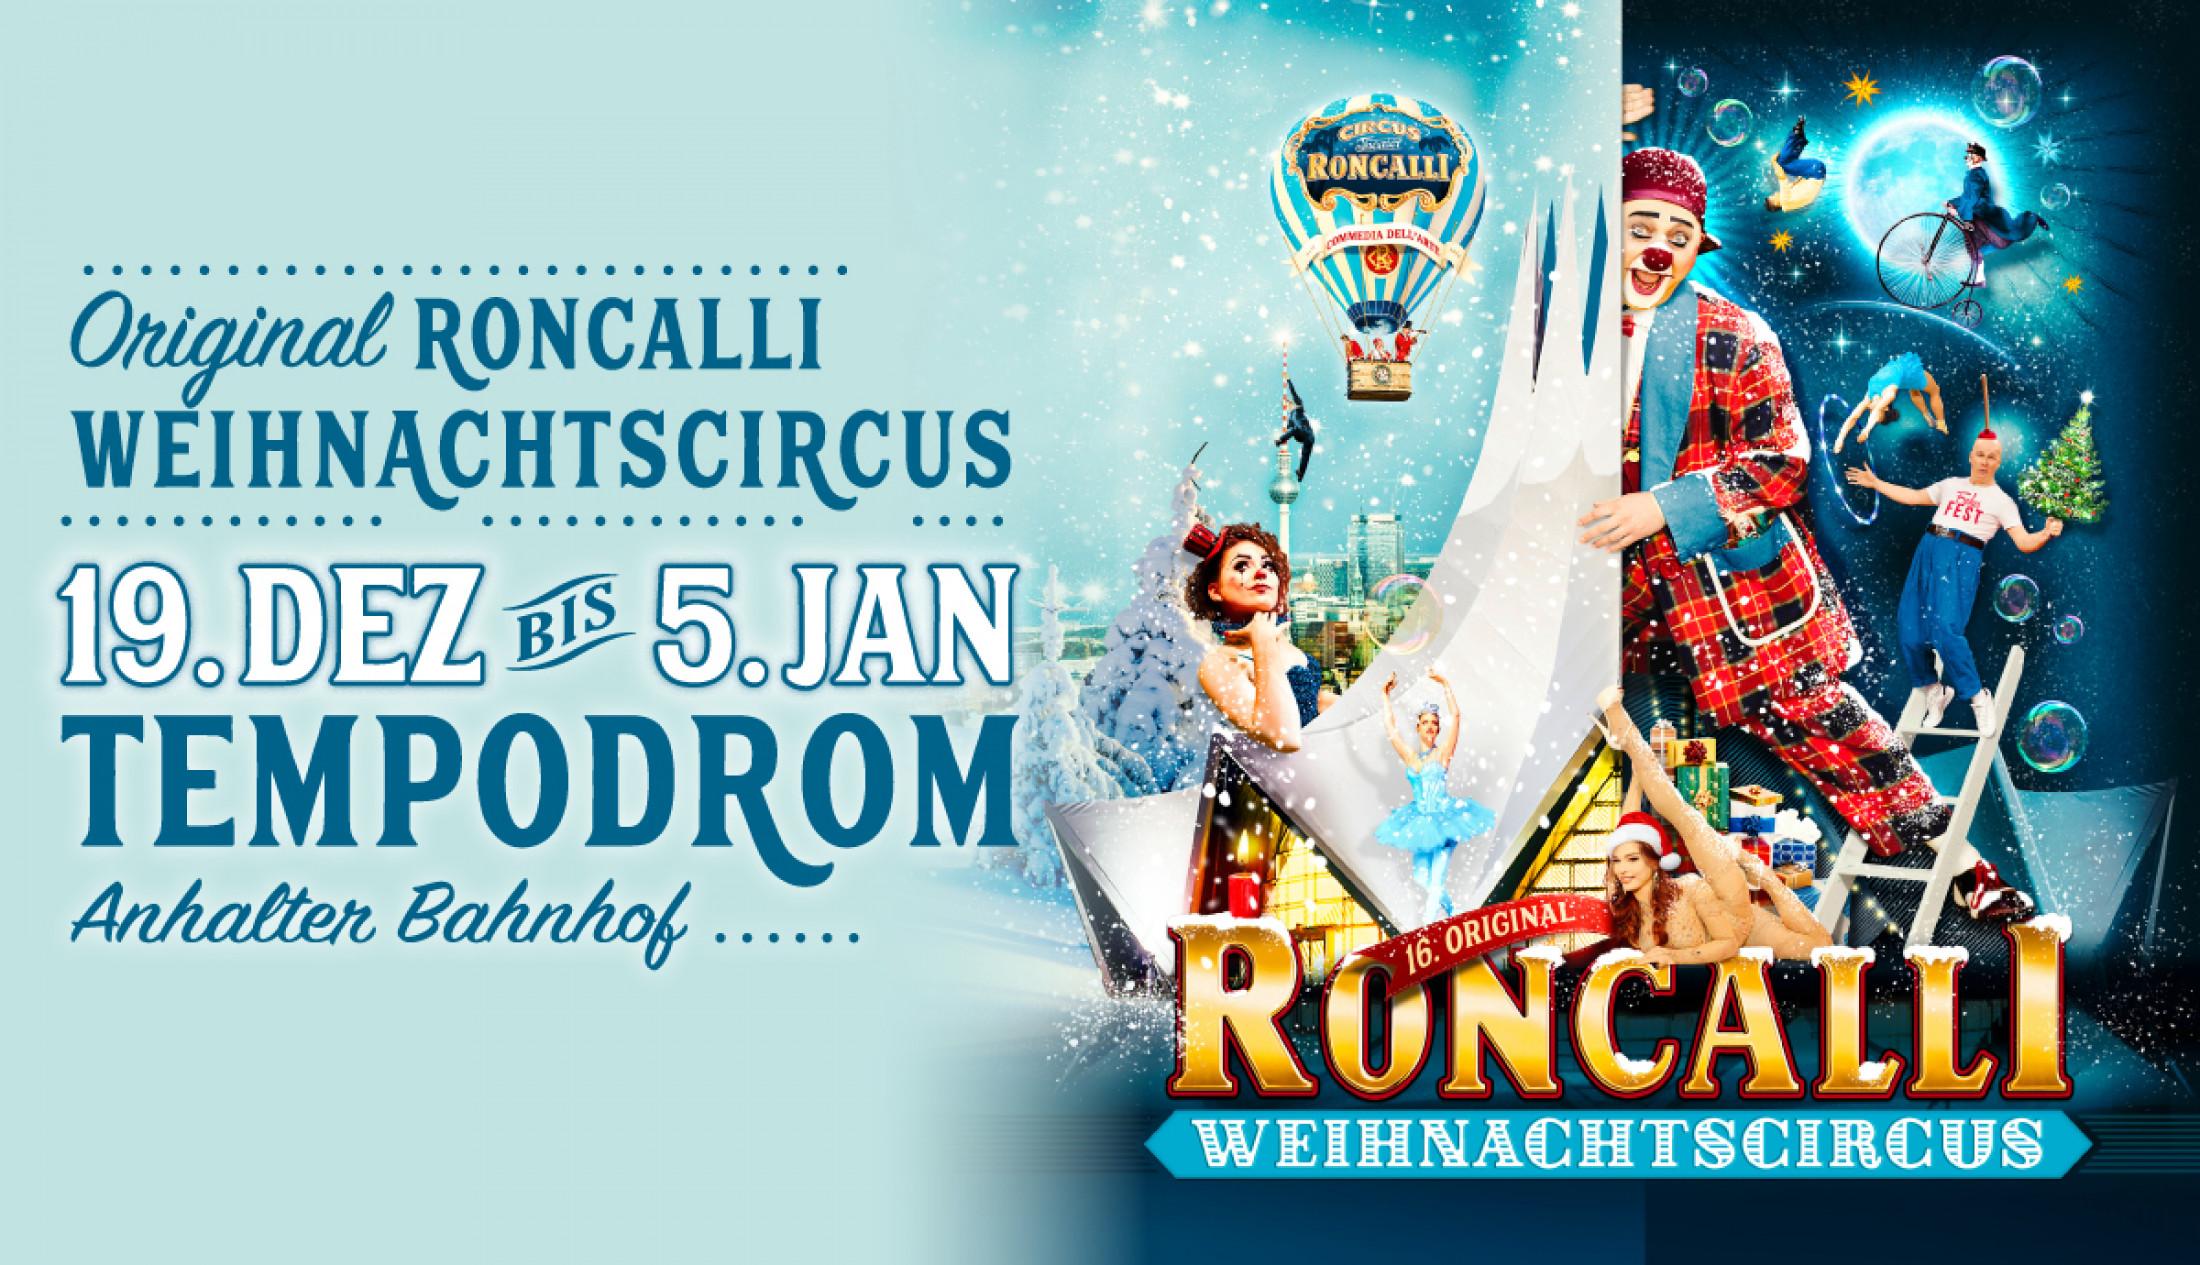 Exklusiver Preisvorteil Roncalli Weihnachtscircus